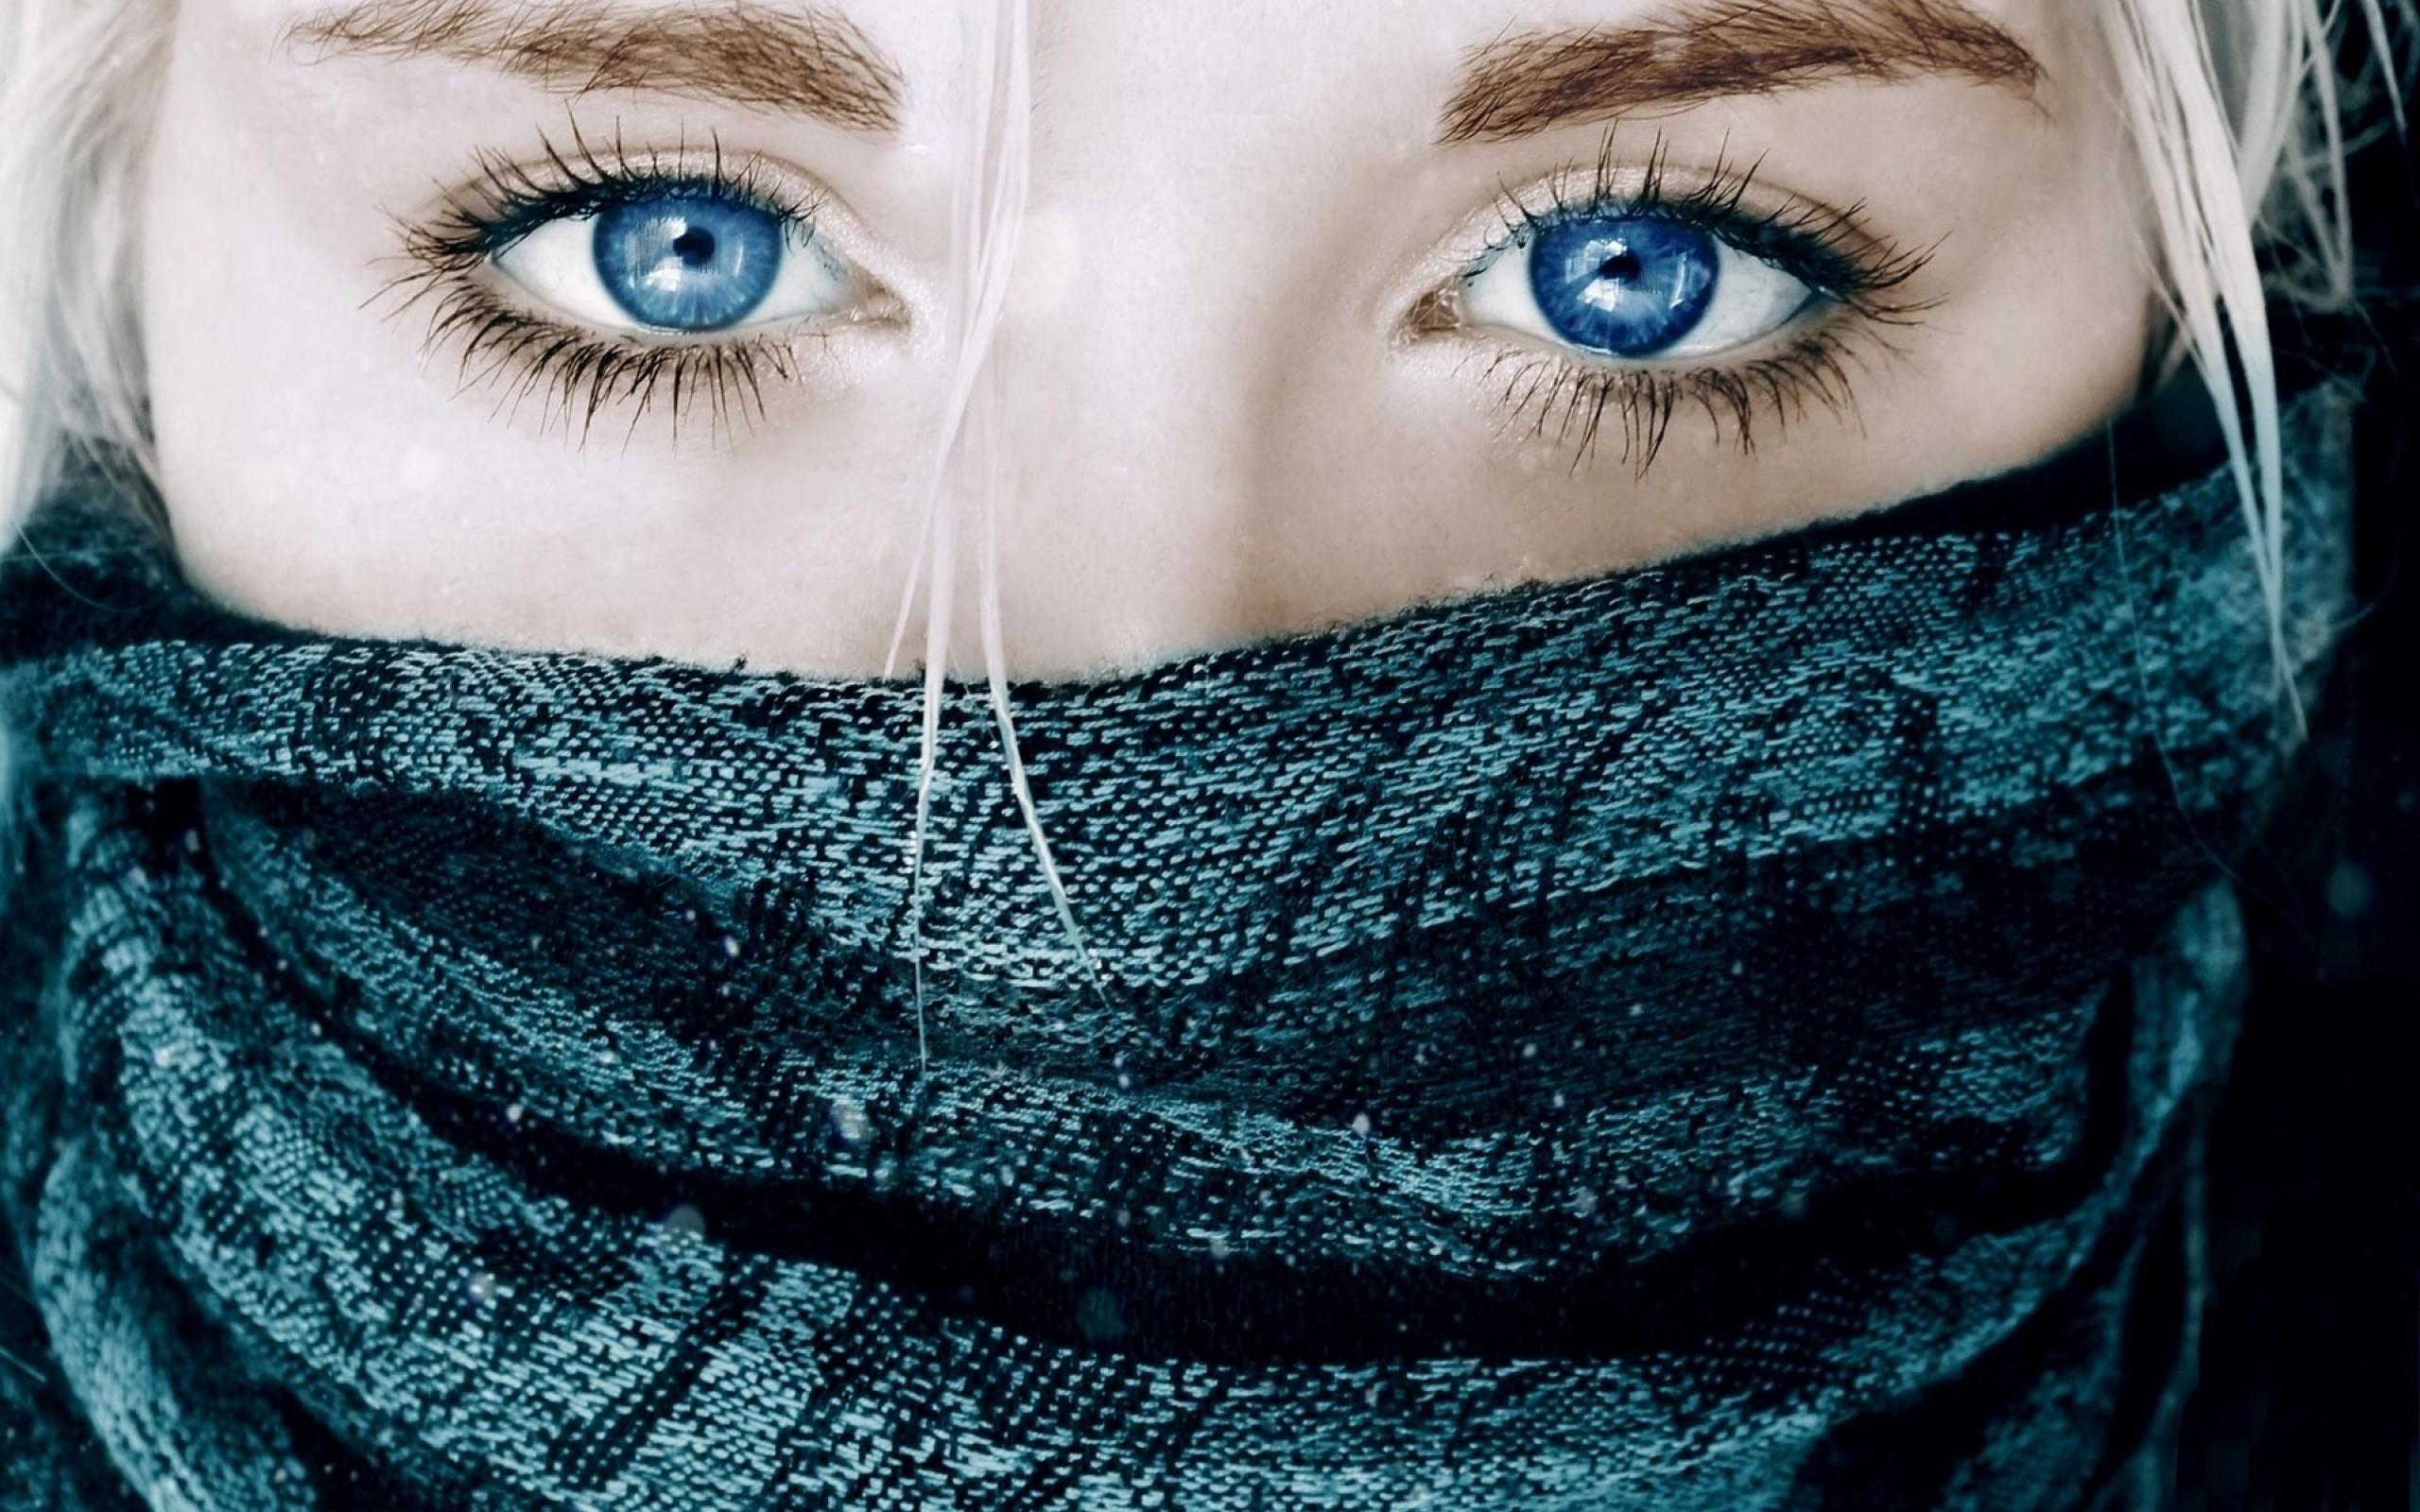 والپیپر چشم های آبی قشنگ  PicO